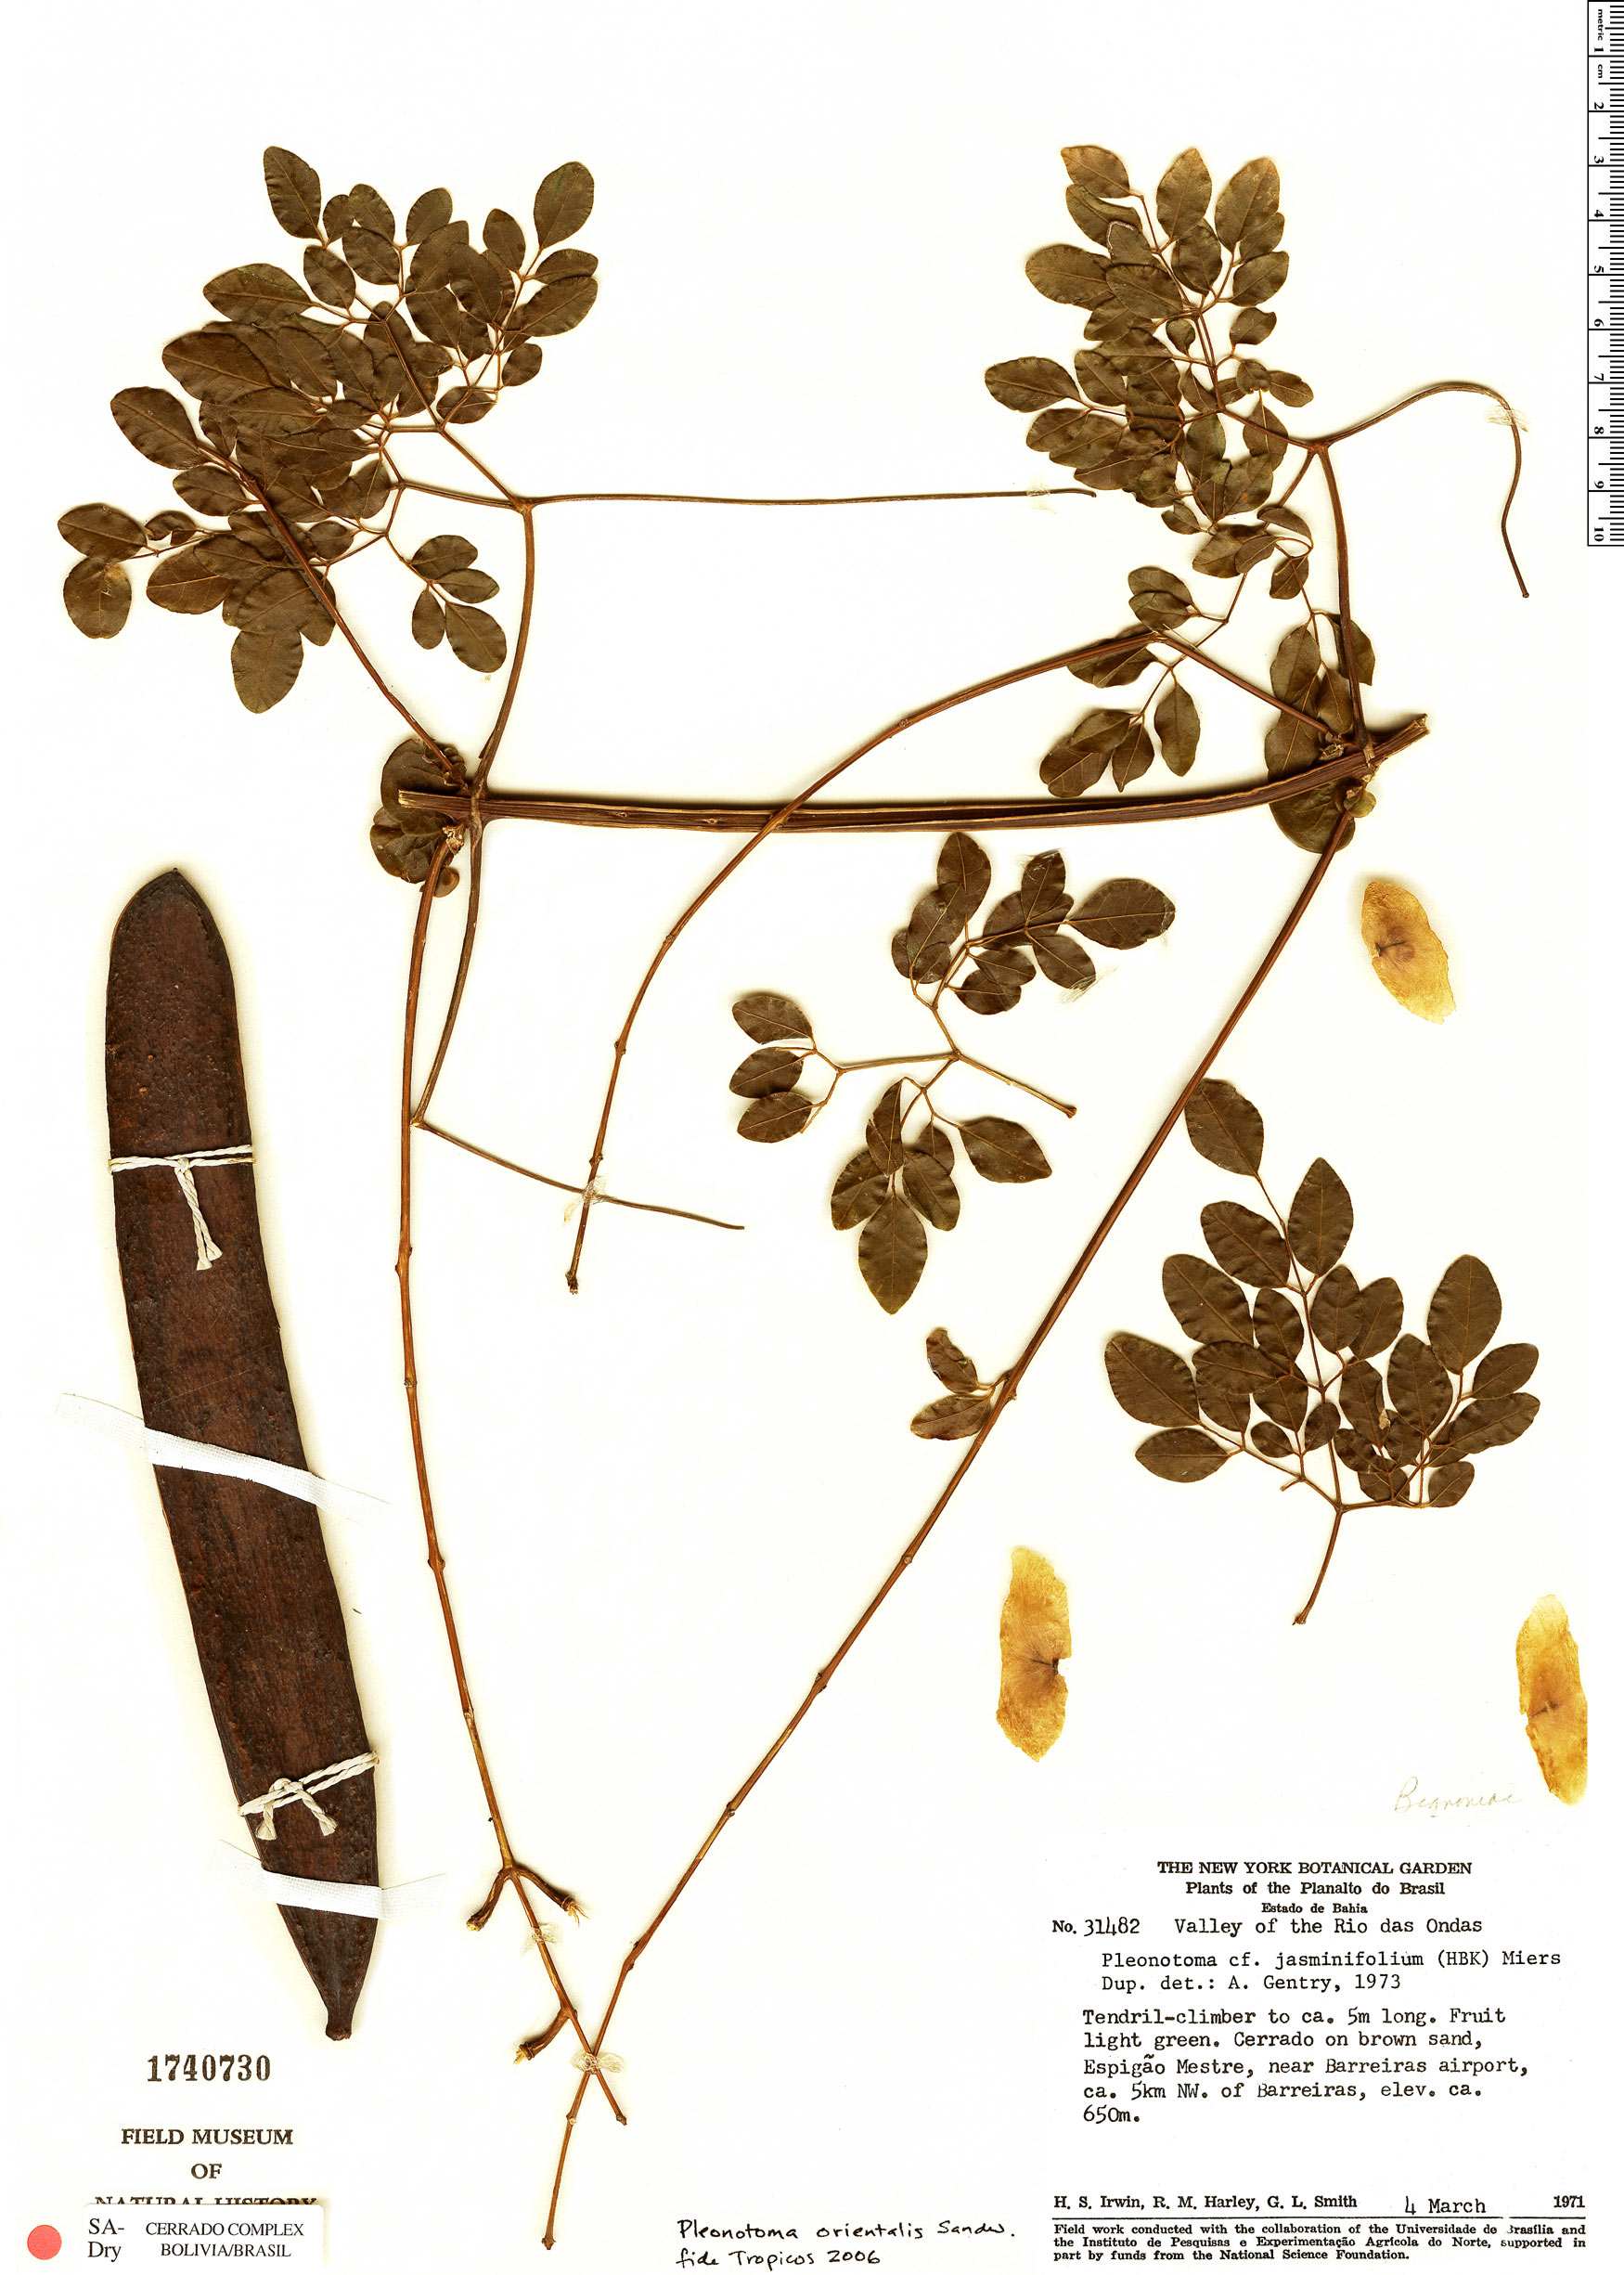 Specimen: Pleonotoma orientalis